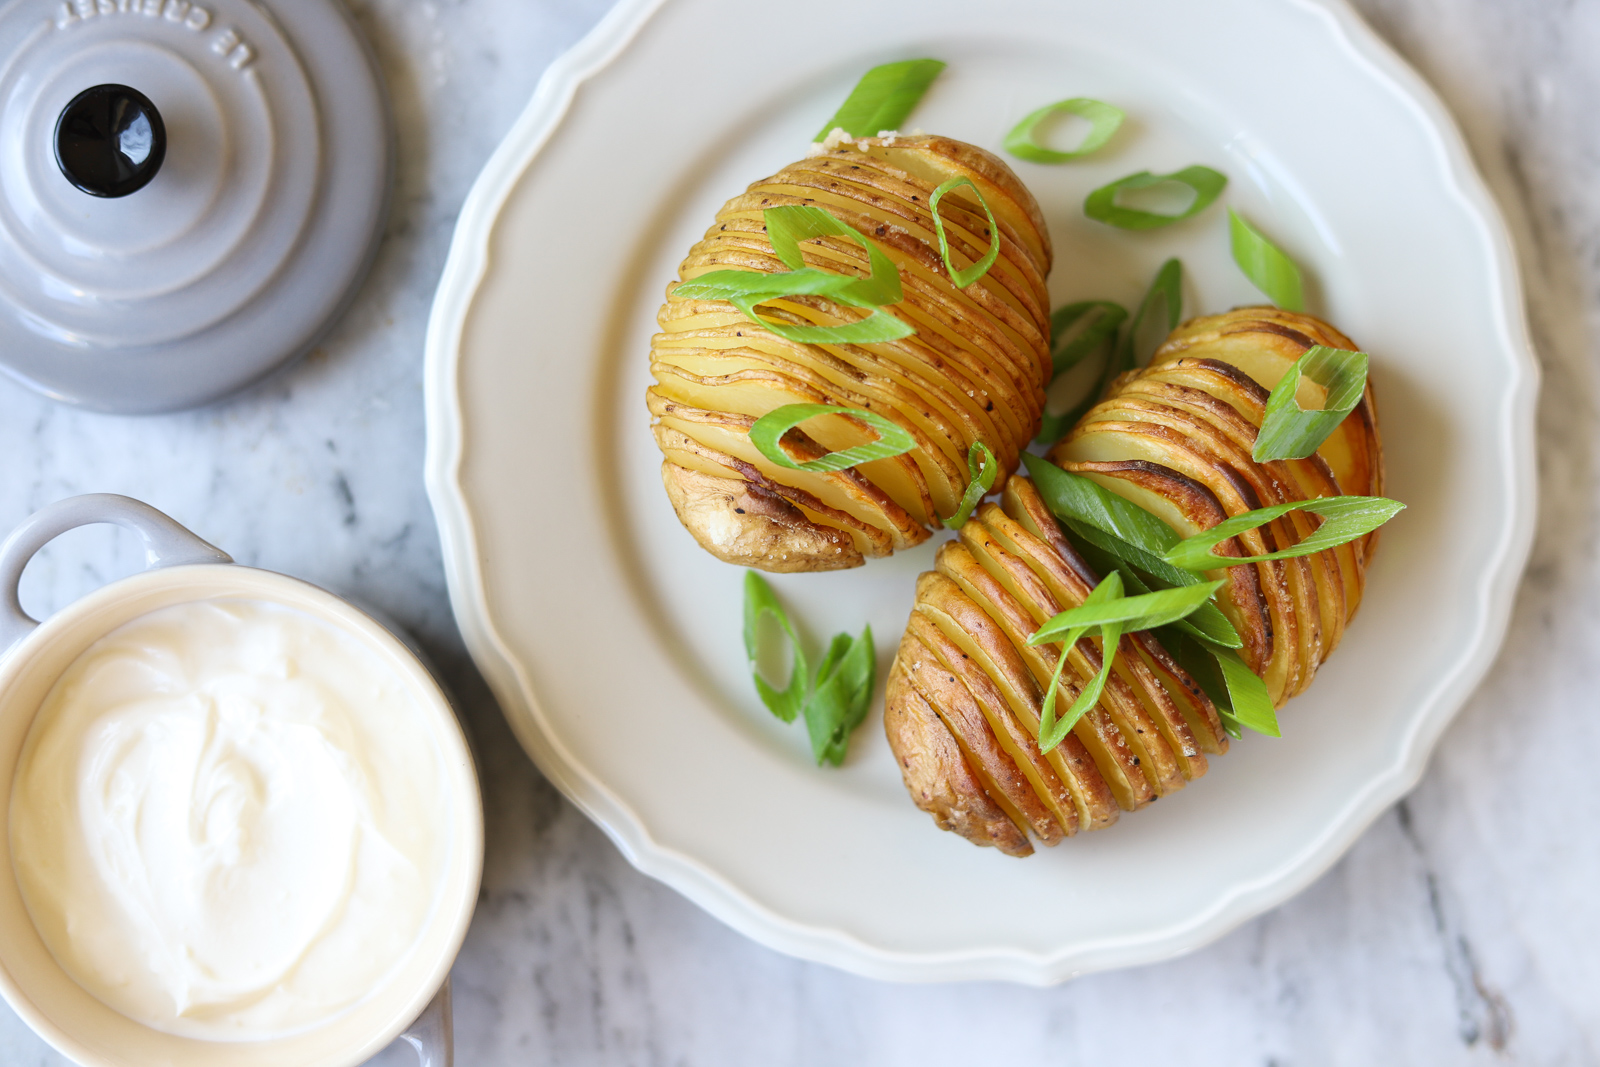 ziemniaki hasselback przepis